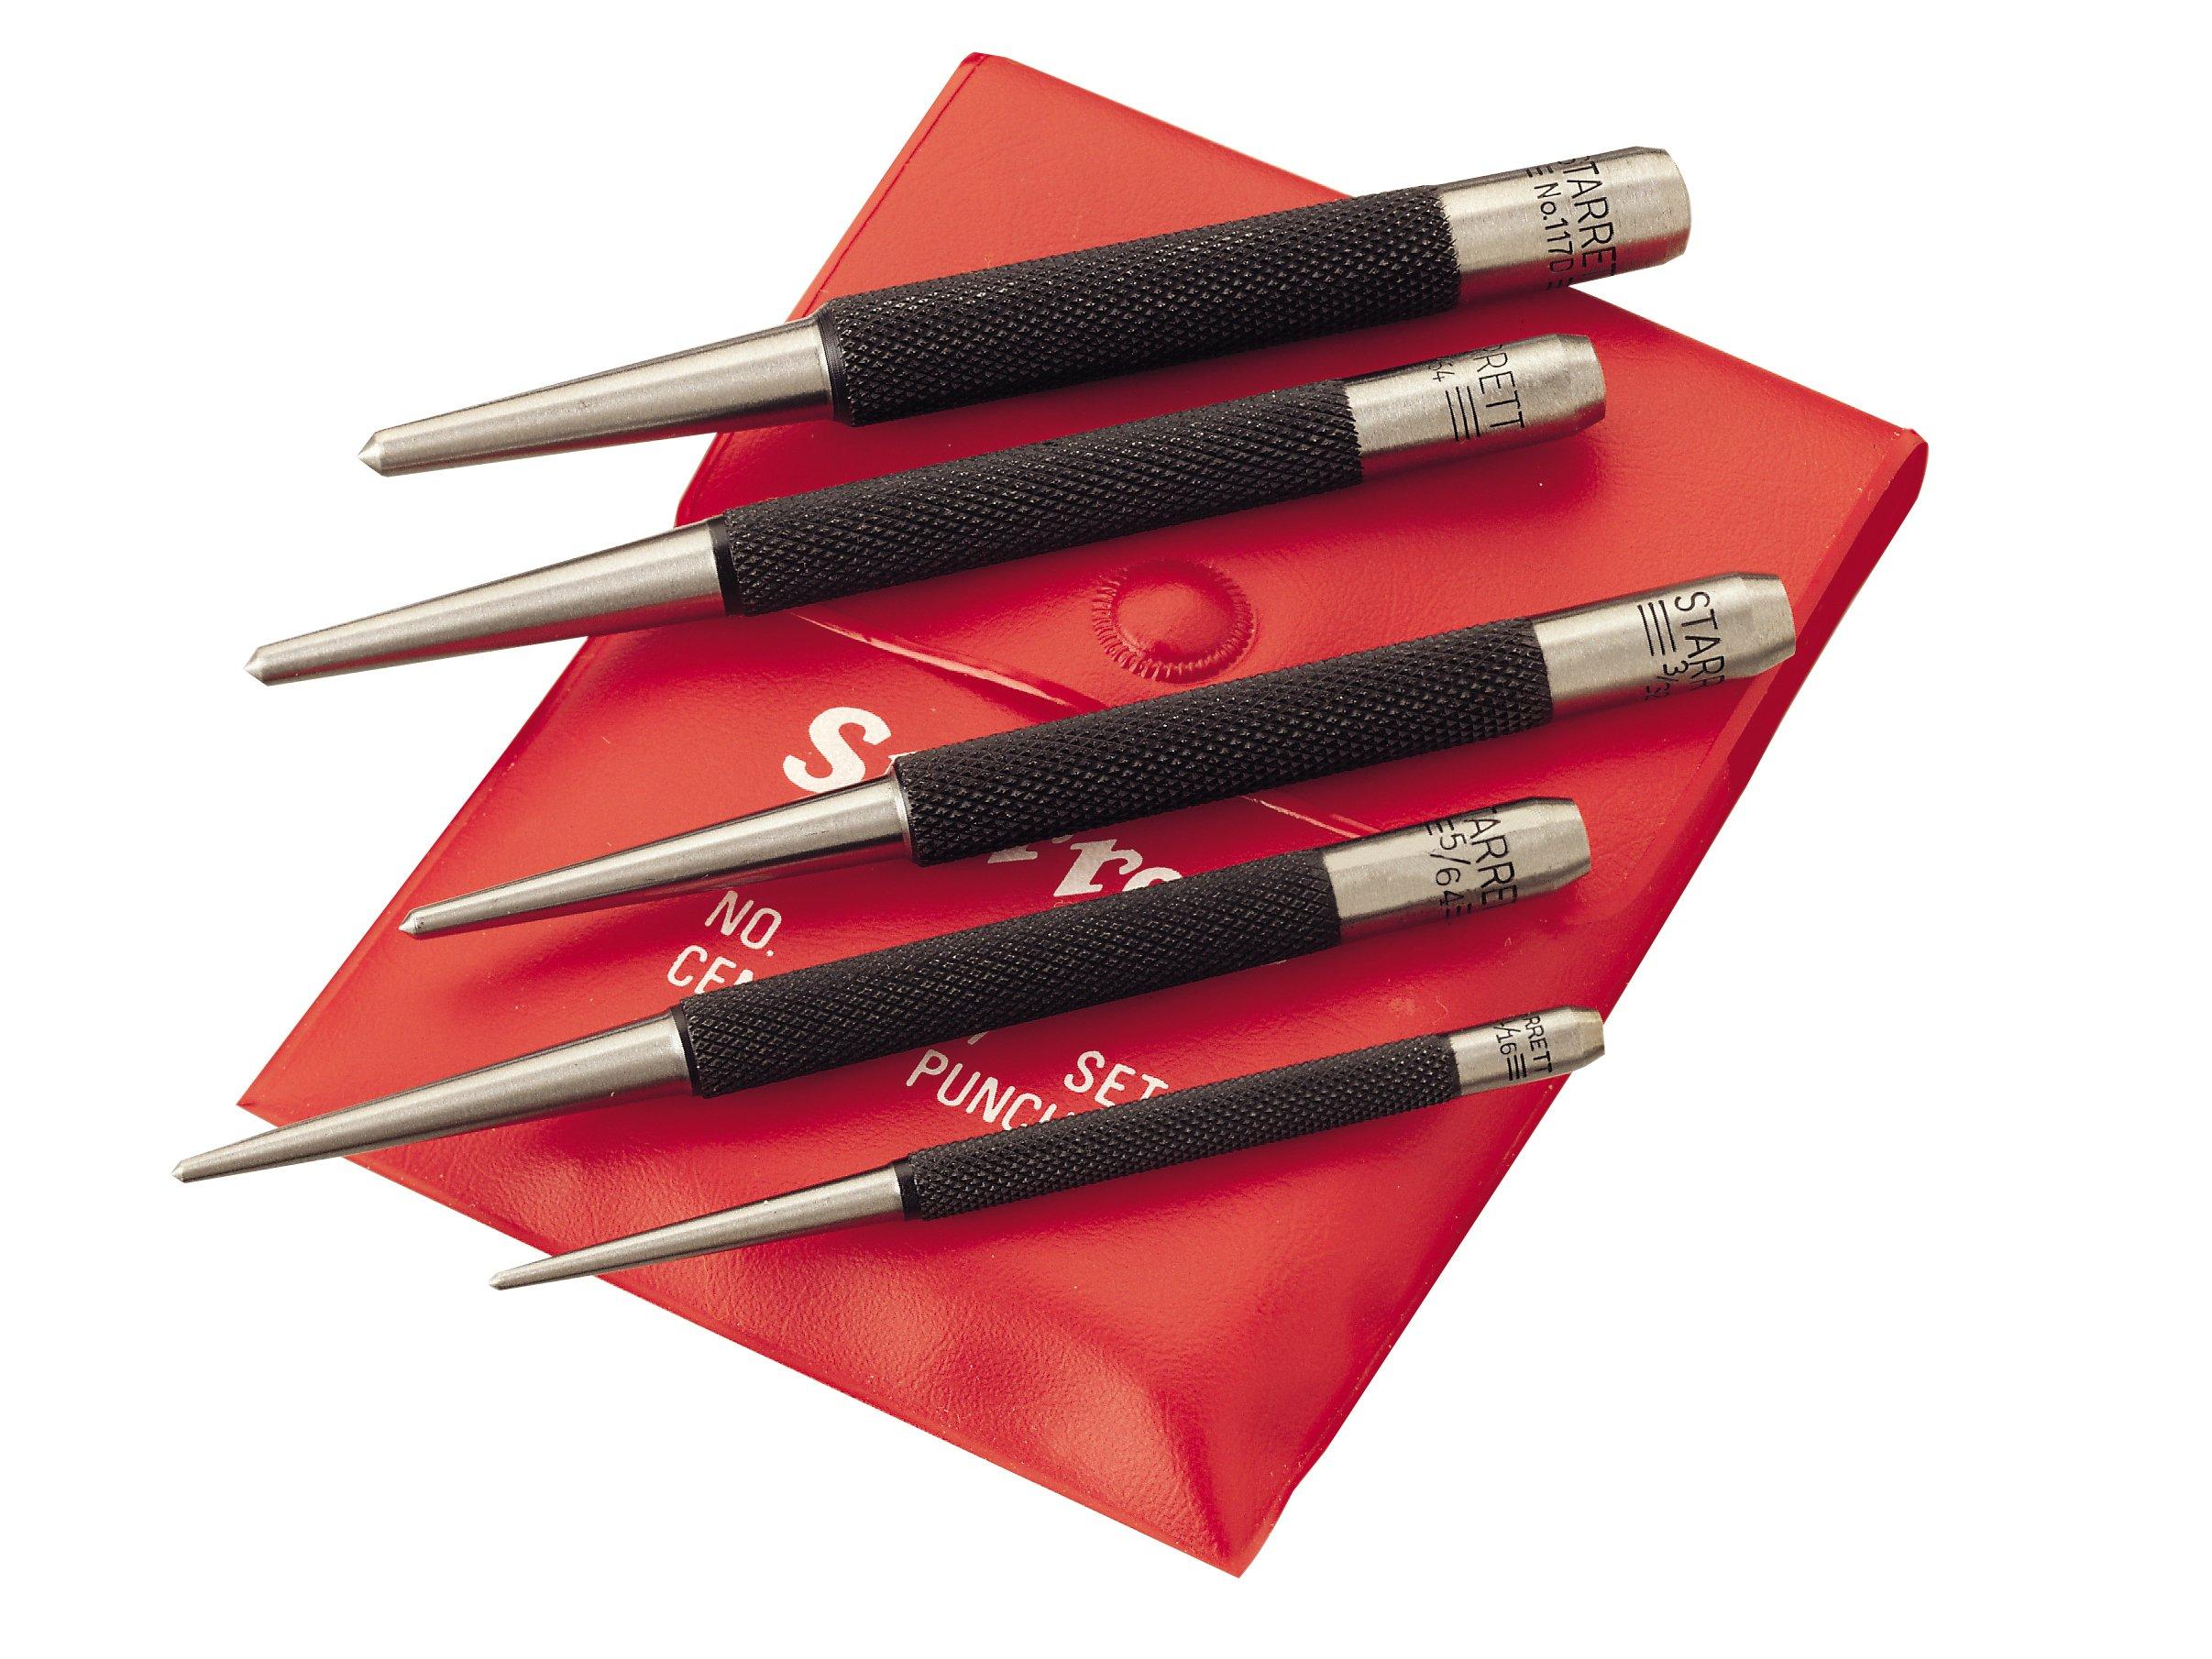 """Starrett S117PC Set of 5 Center Punches, 1/16'', 5/64"""", 3/32"""", 1/8"""", 5/32'' Diameters, in Plastic Case"""